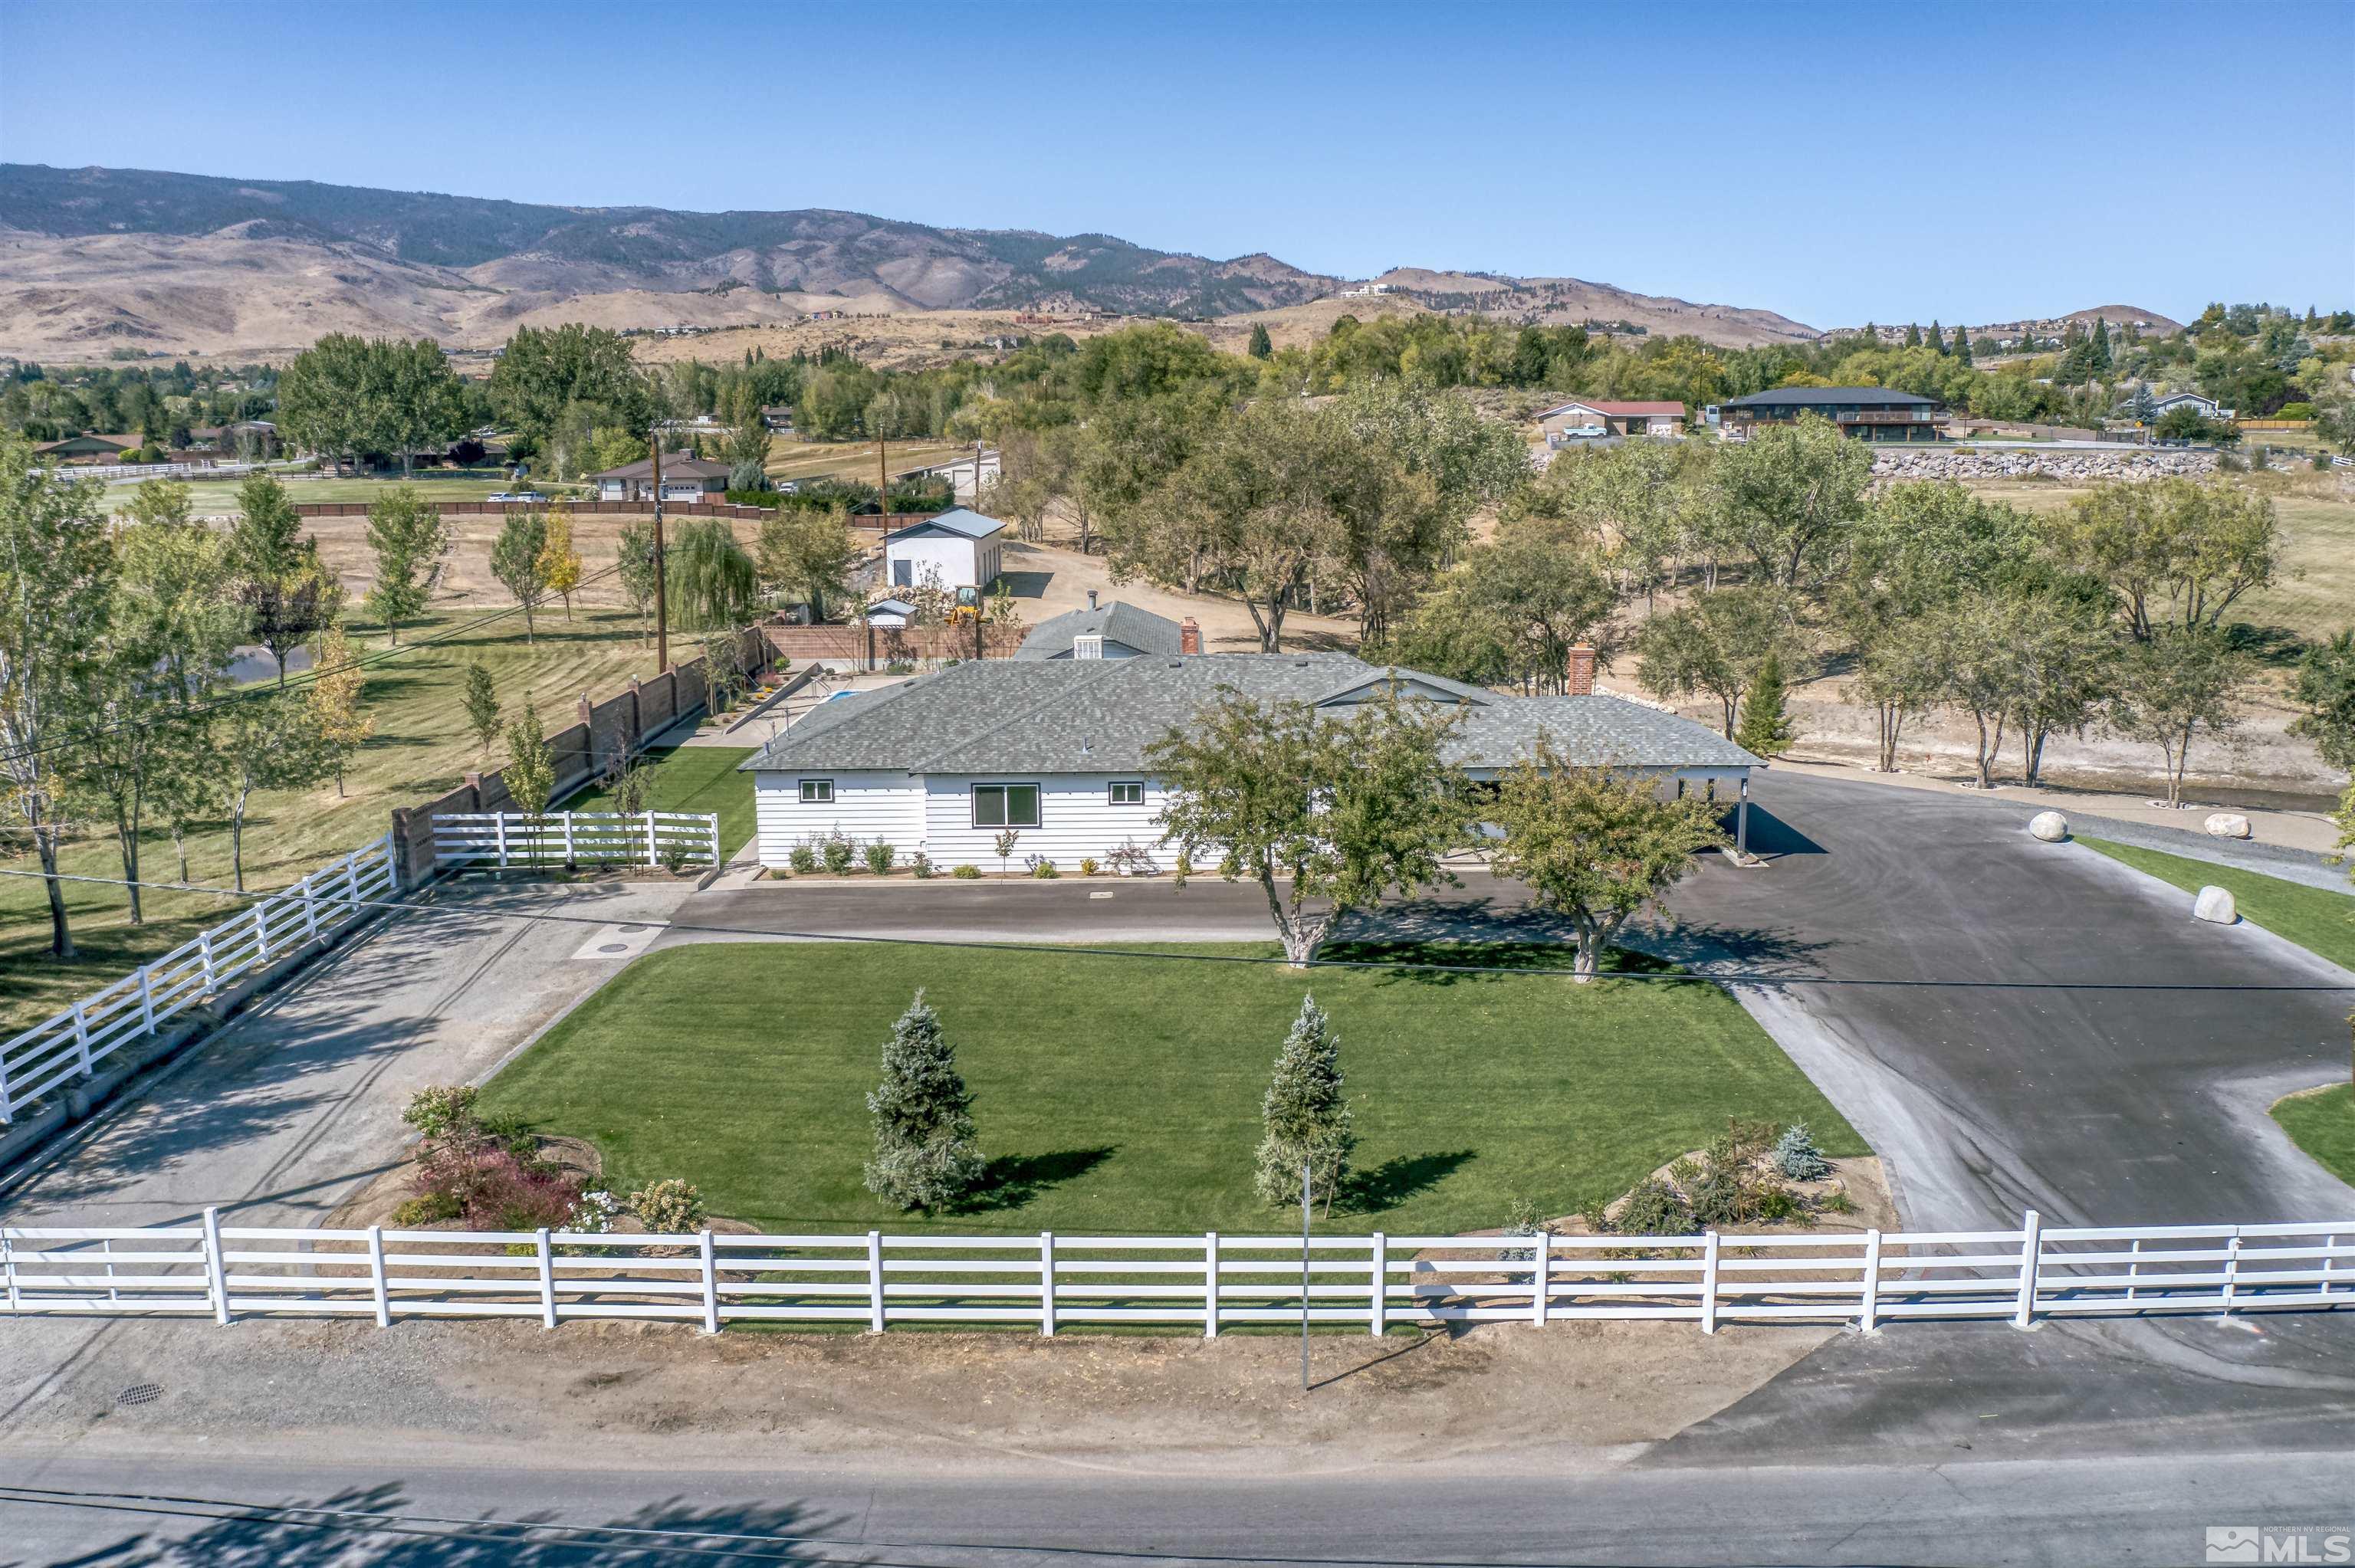 Image for 2525 Del Monte, Reno, NV 89511-7585